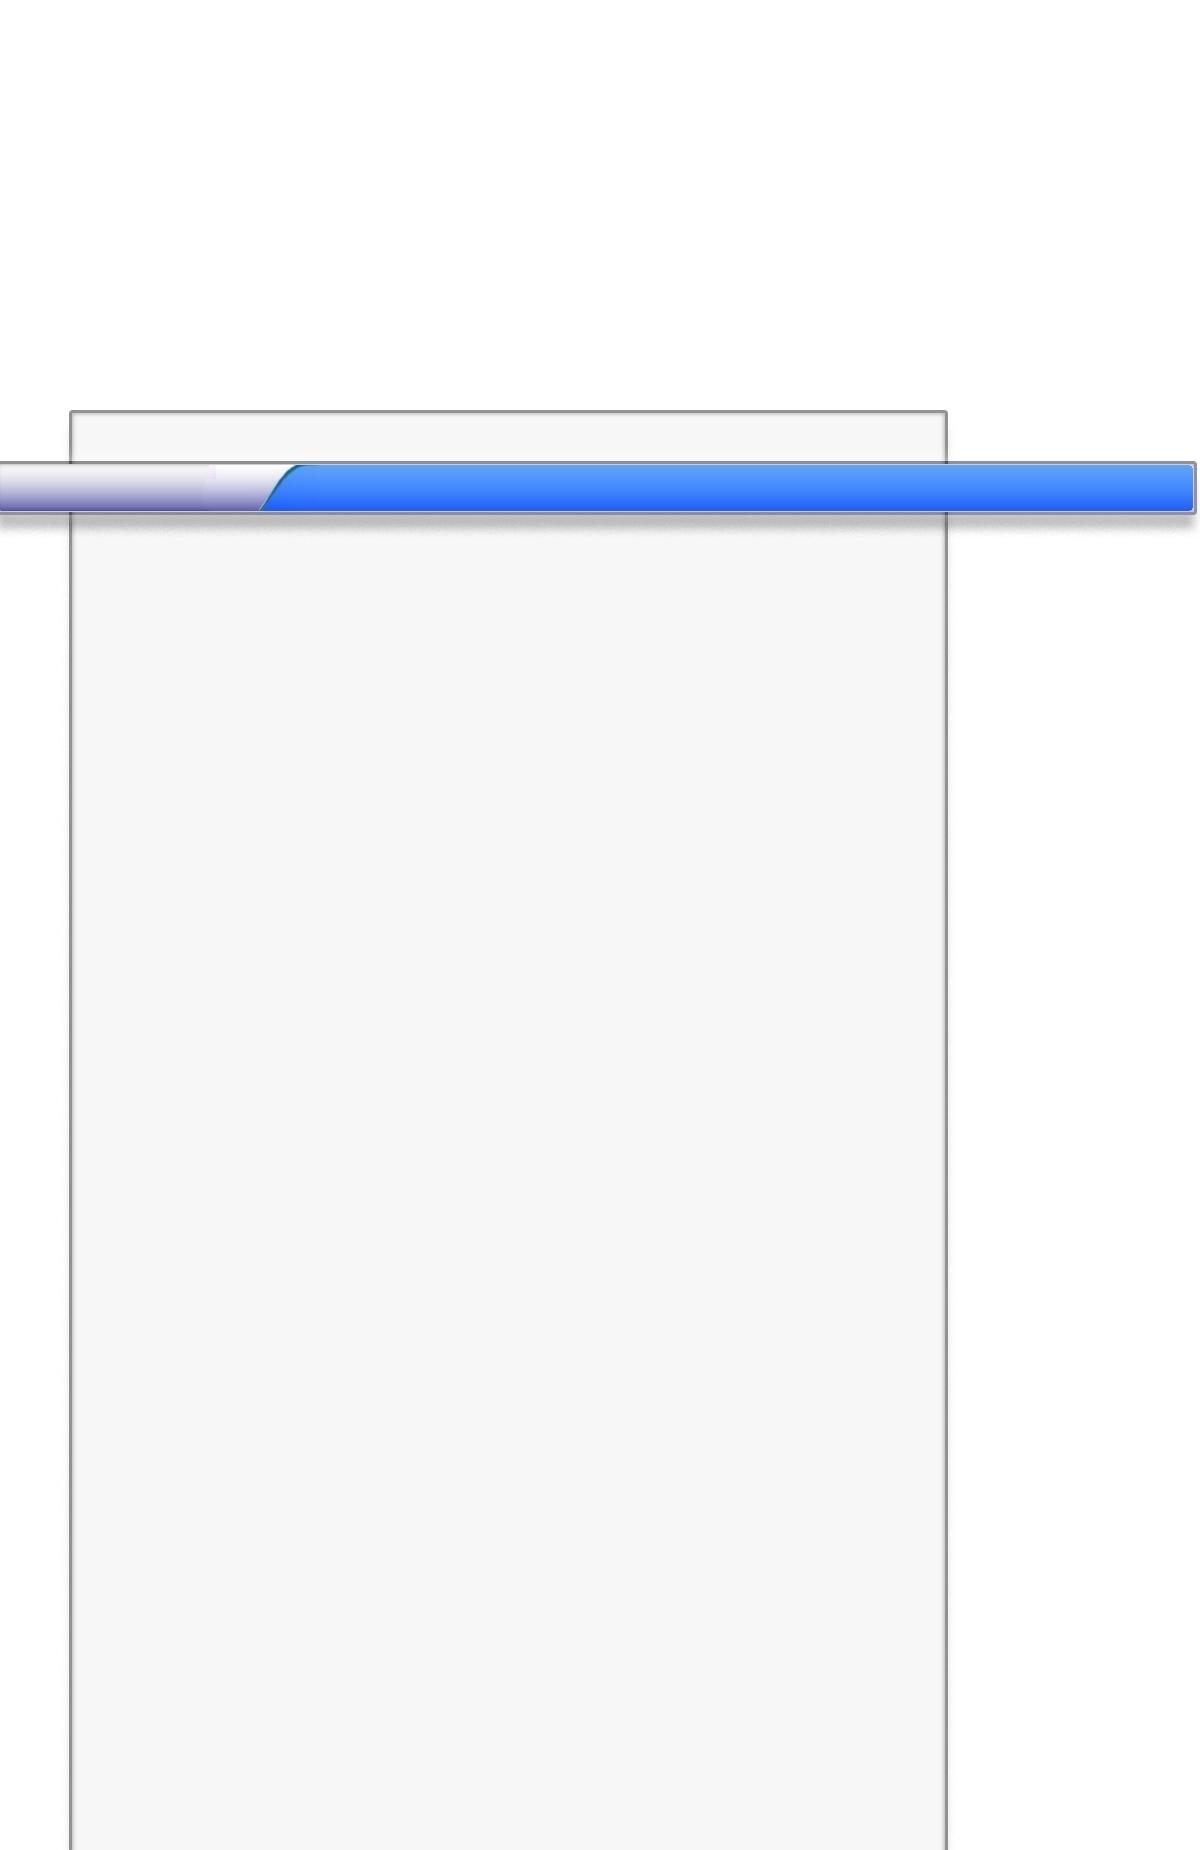 bewerben now - design, Einladung